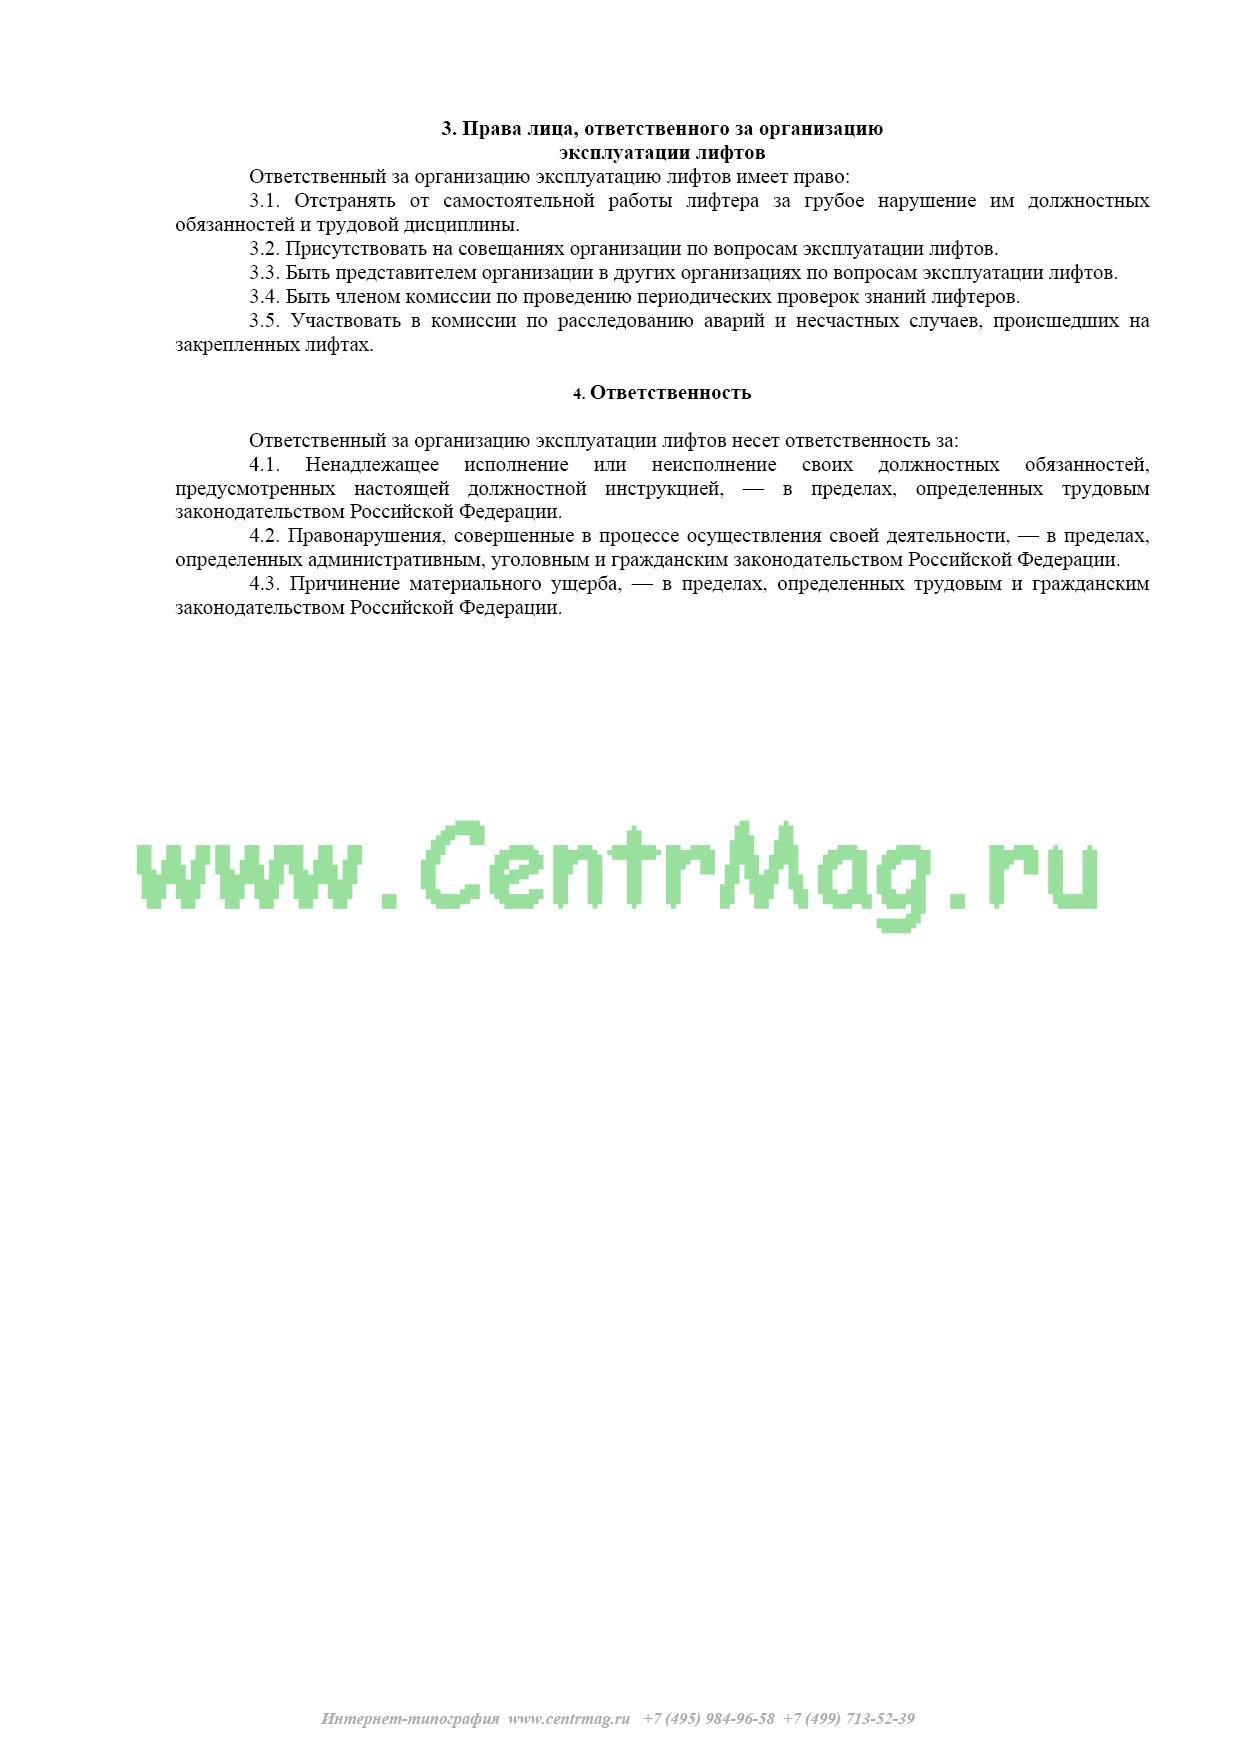 Должностная инструкция для специалиста ответственного за организацию эксплуатацию лифтов